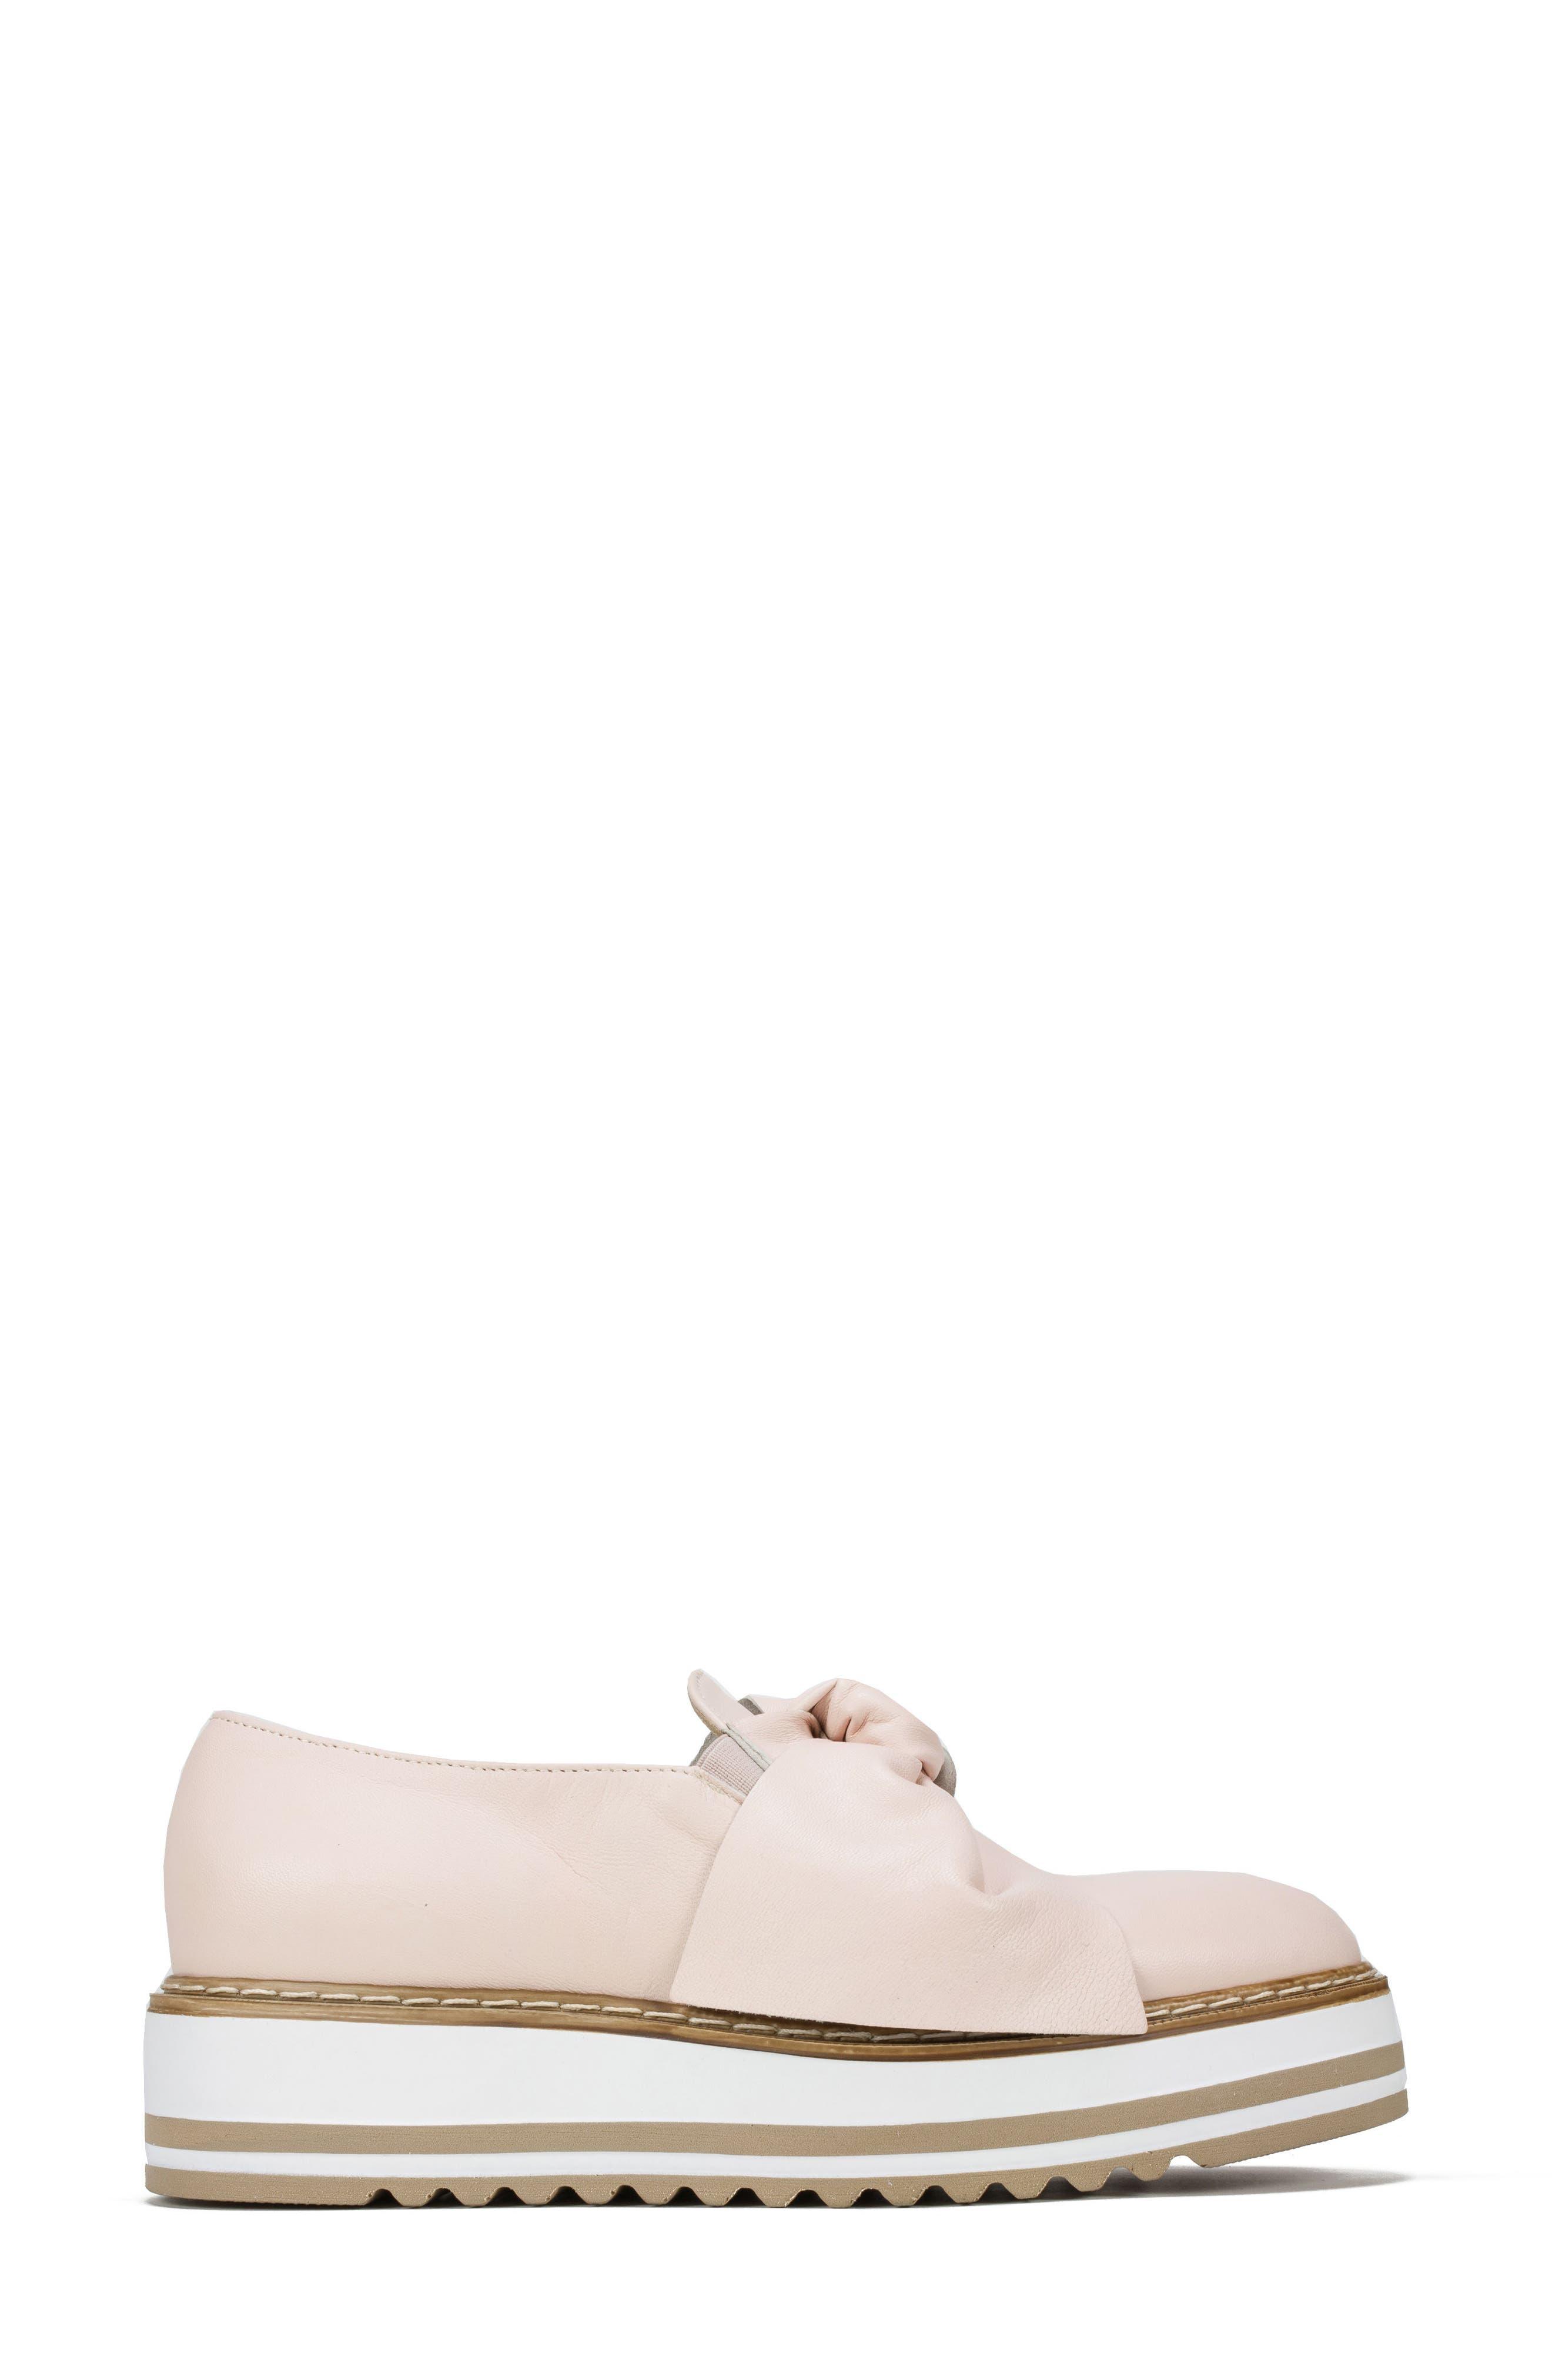 Bella Platform Loafer,                             Alternate thumbnail 3, color,                             Pink Leather